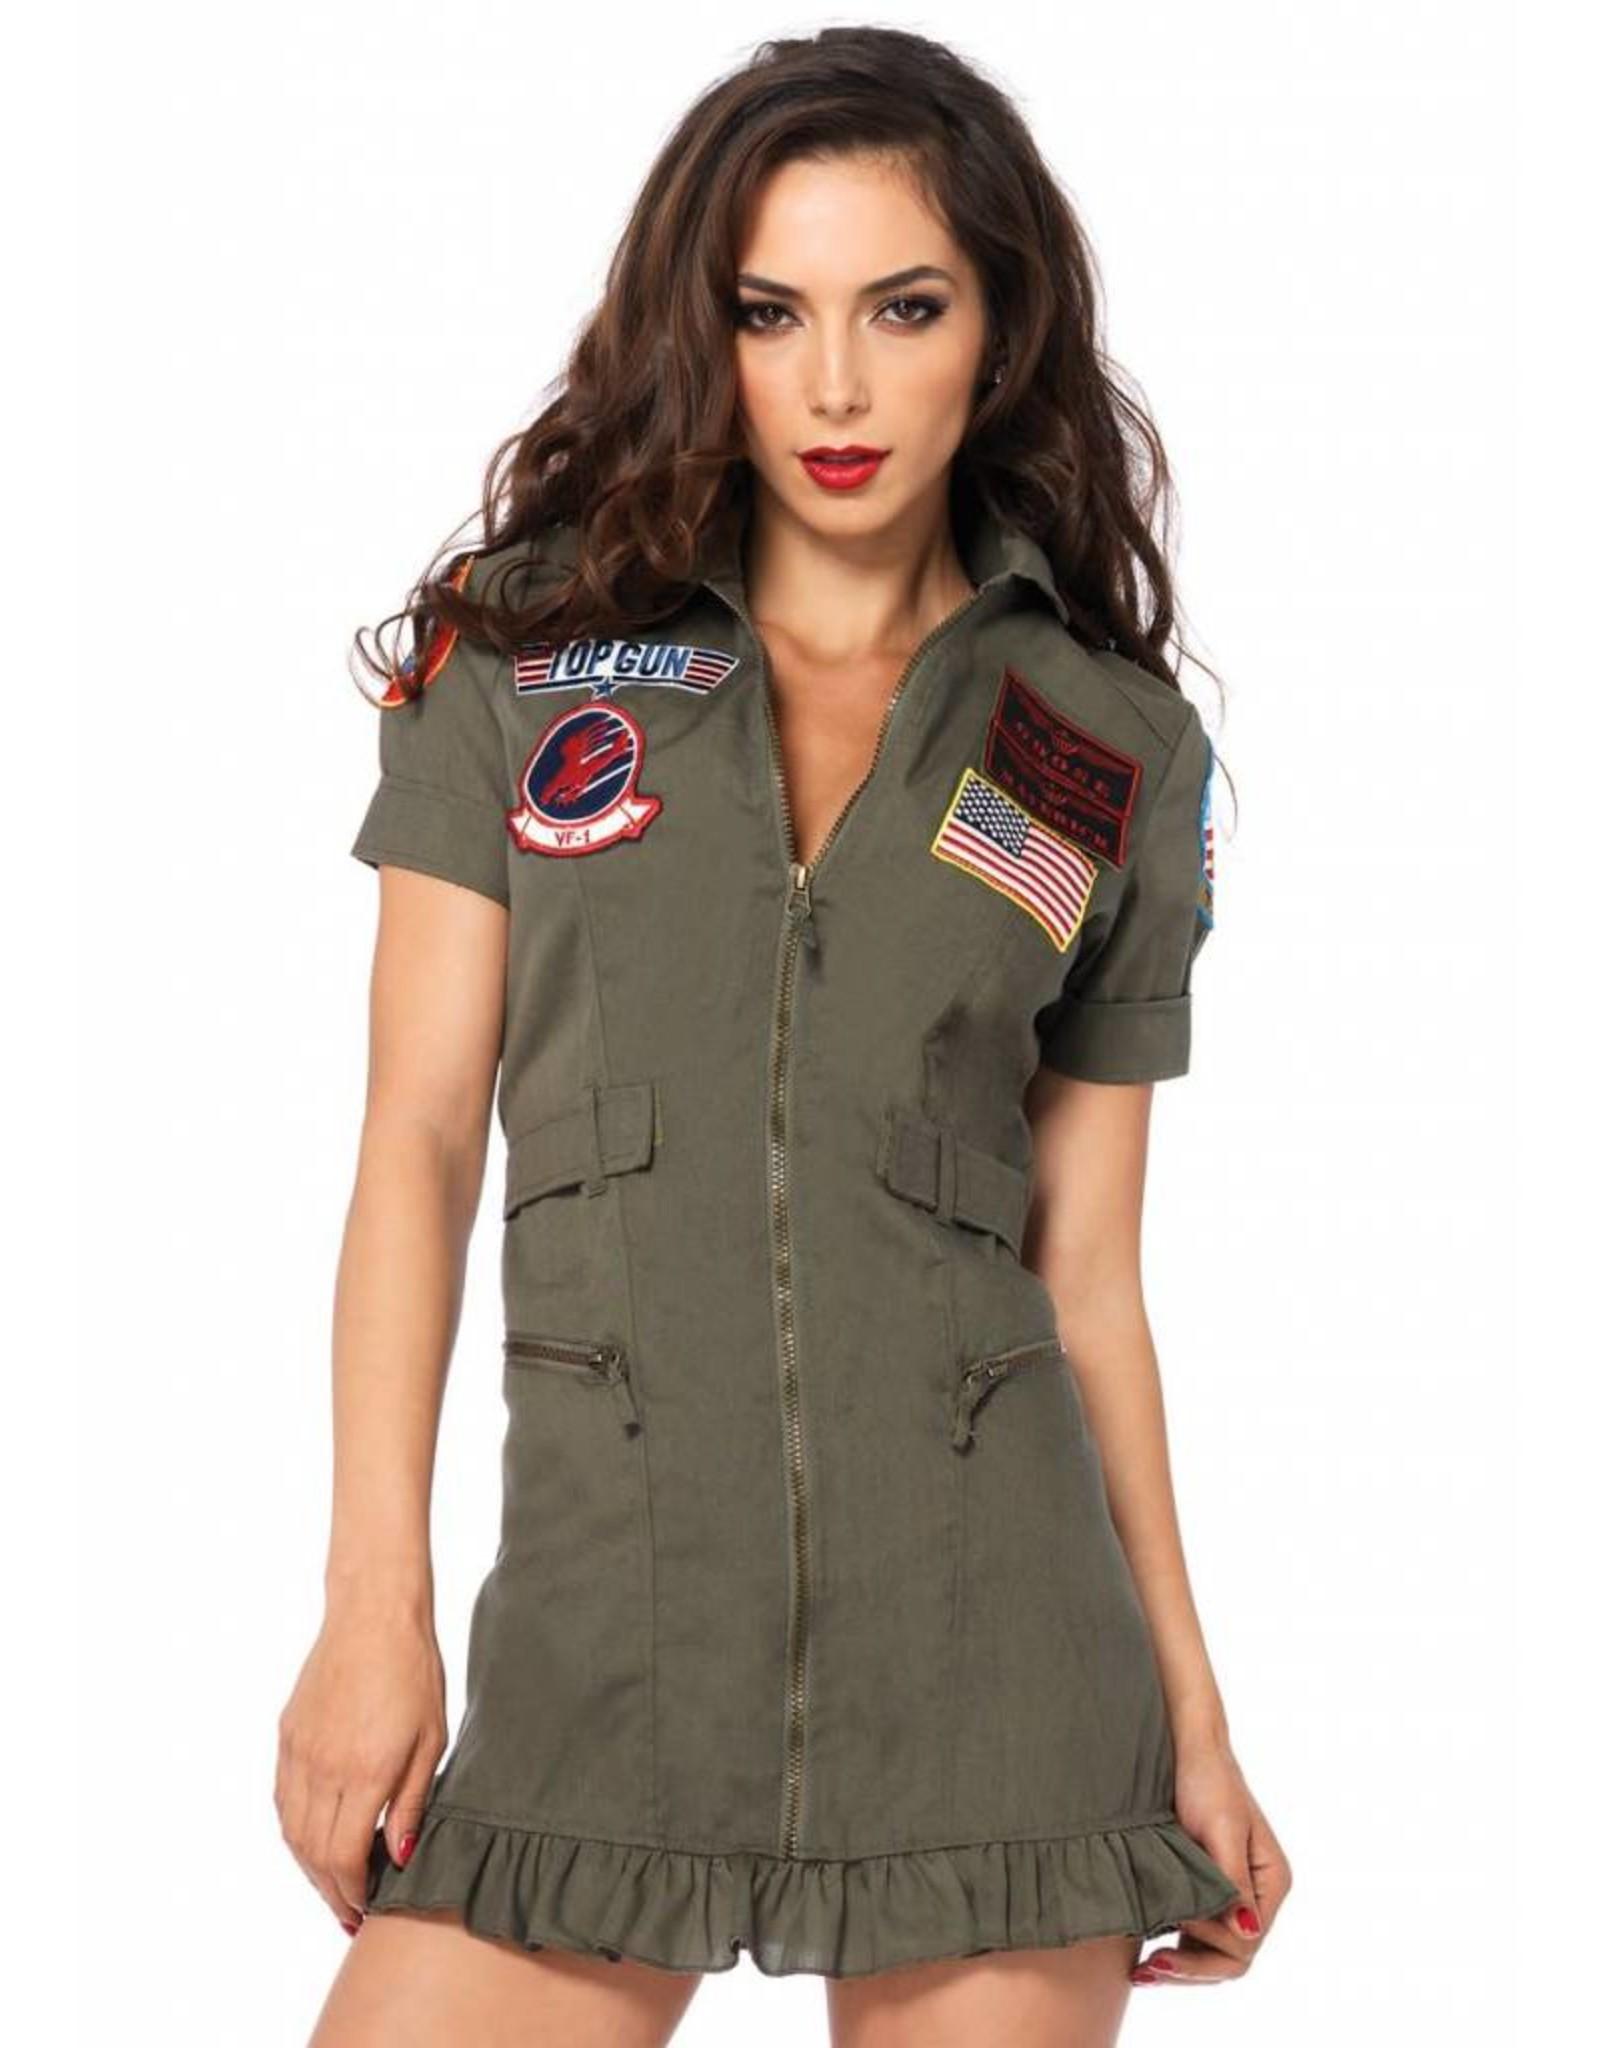 Leg Avenue Top Gun Flight Dress